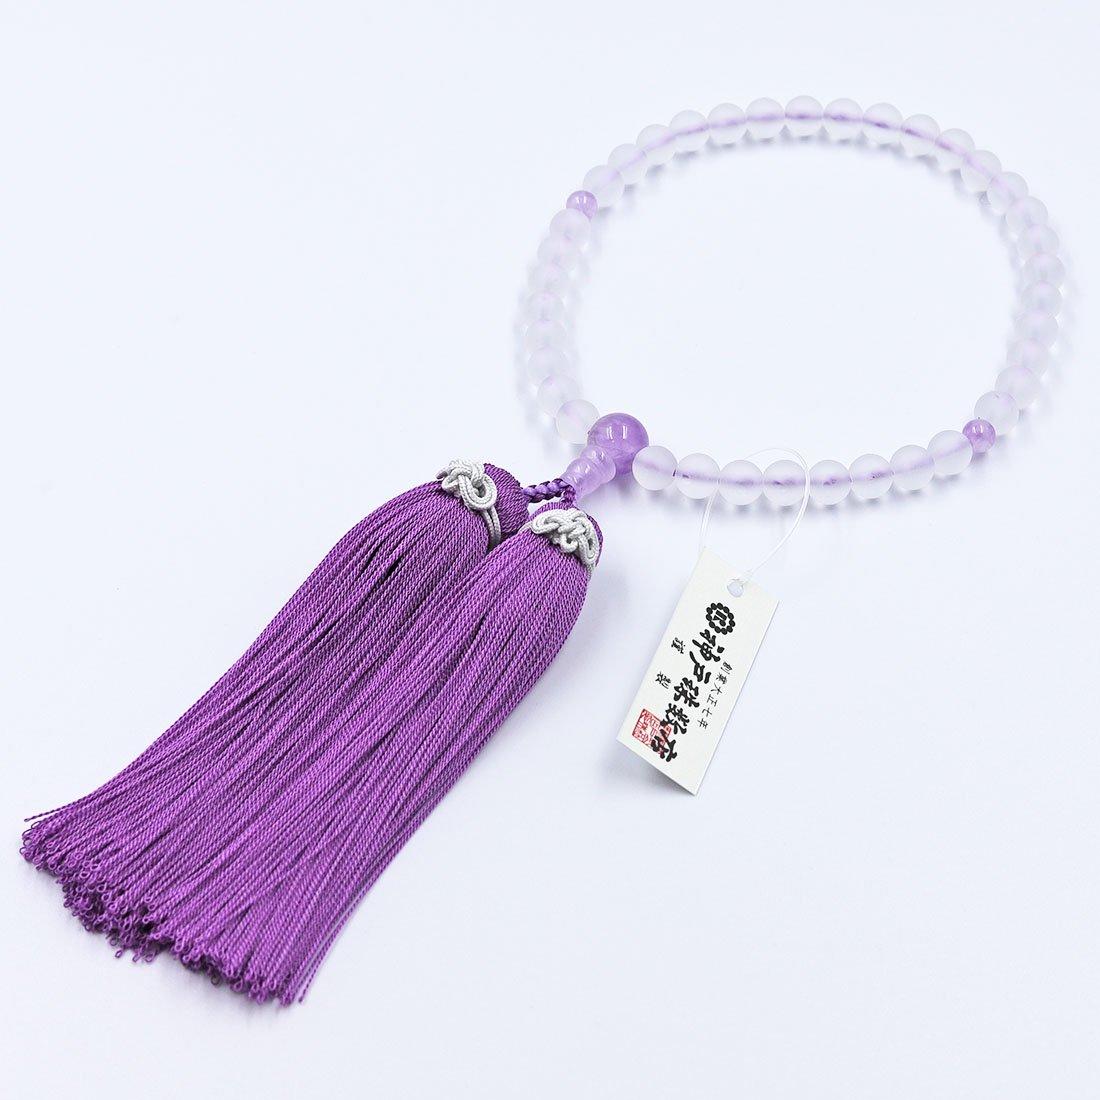 結 nenju 朝霧水晶・紫雲石仕立